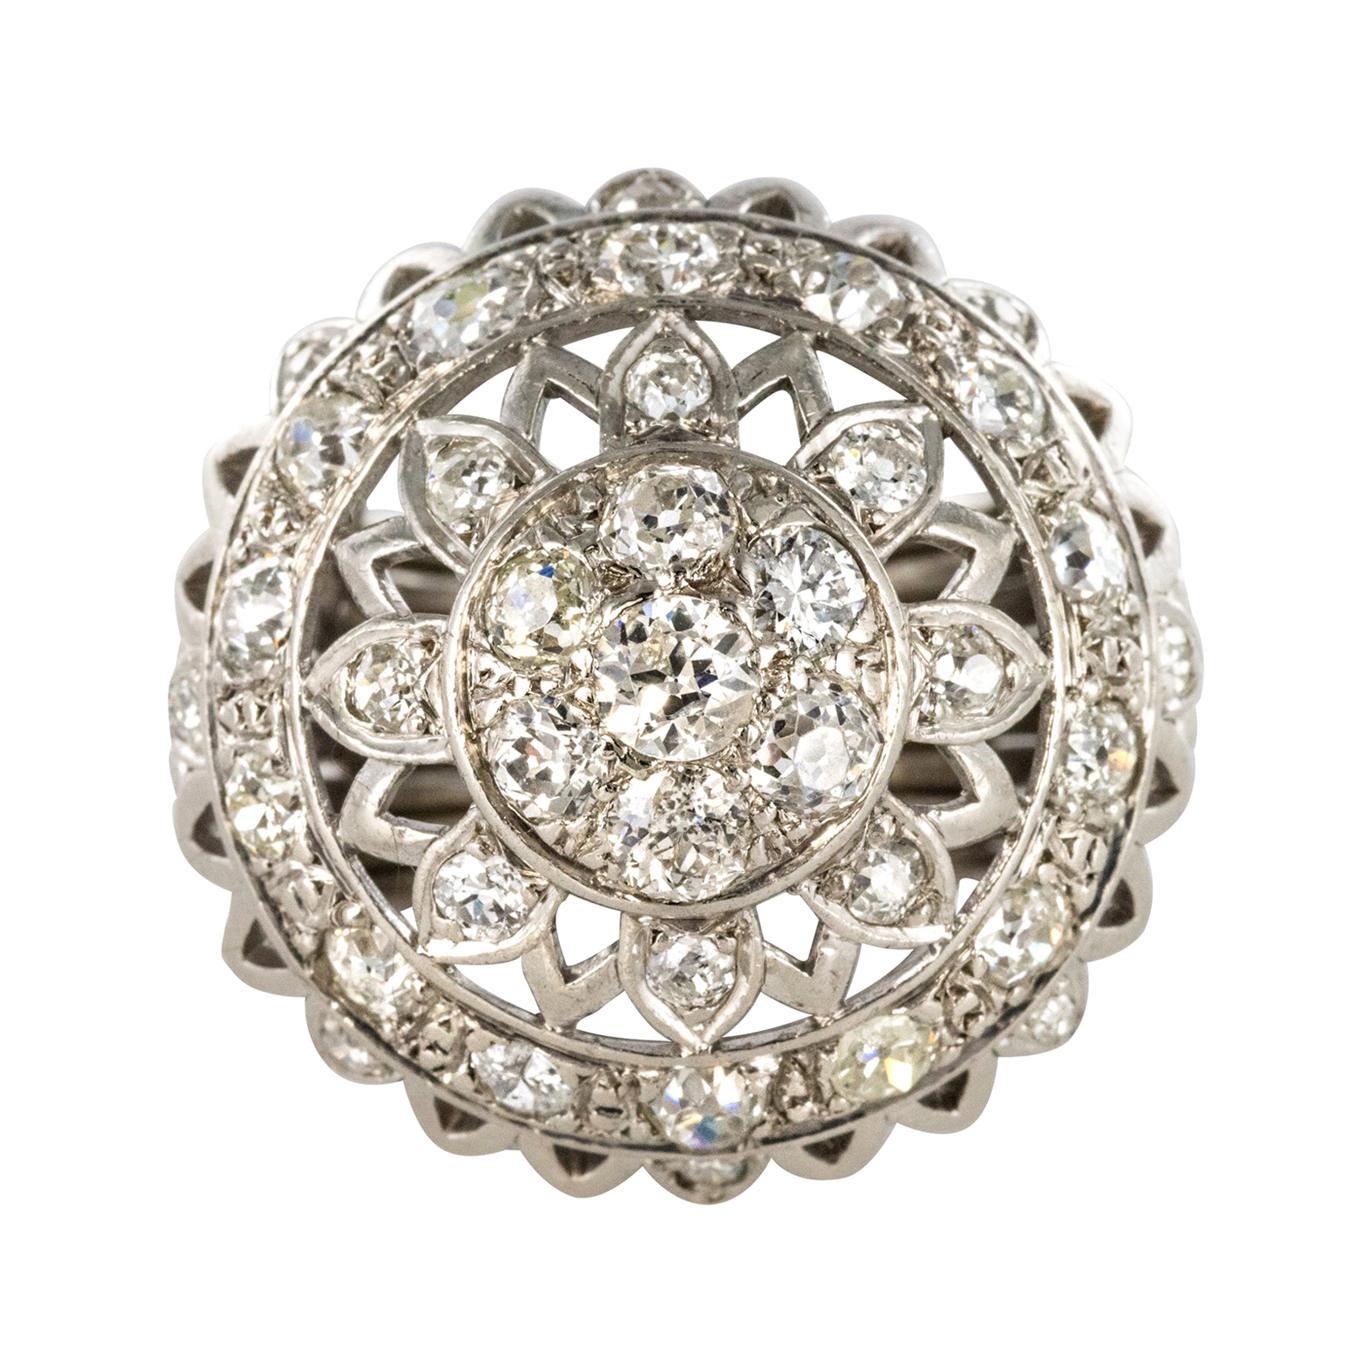 French 1960s 4.20 Carat Diamonds 18 Karat White Gold Cocktail Ring